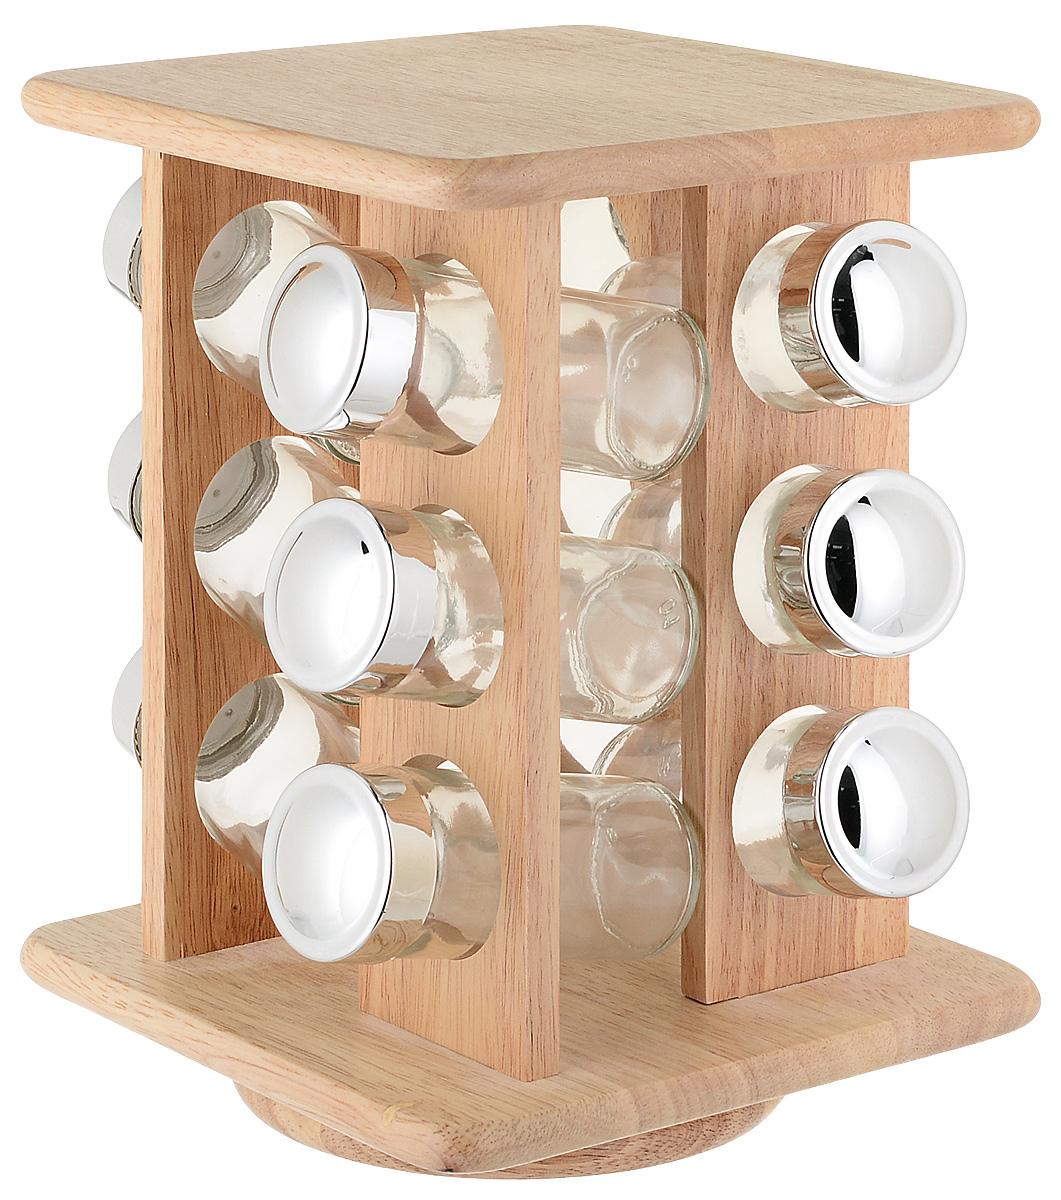 Вращающаяся подставка для специй 12 банок. Каучуковое дерево. Вращающаяся подставка, 12 стеклянных банок с деревянными крышками. Прочность, и долговечность.Объем банок - 120 мл.